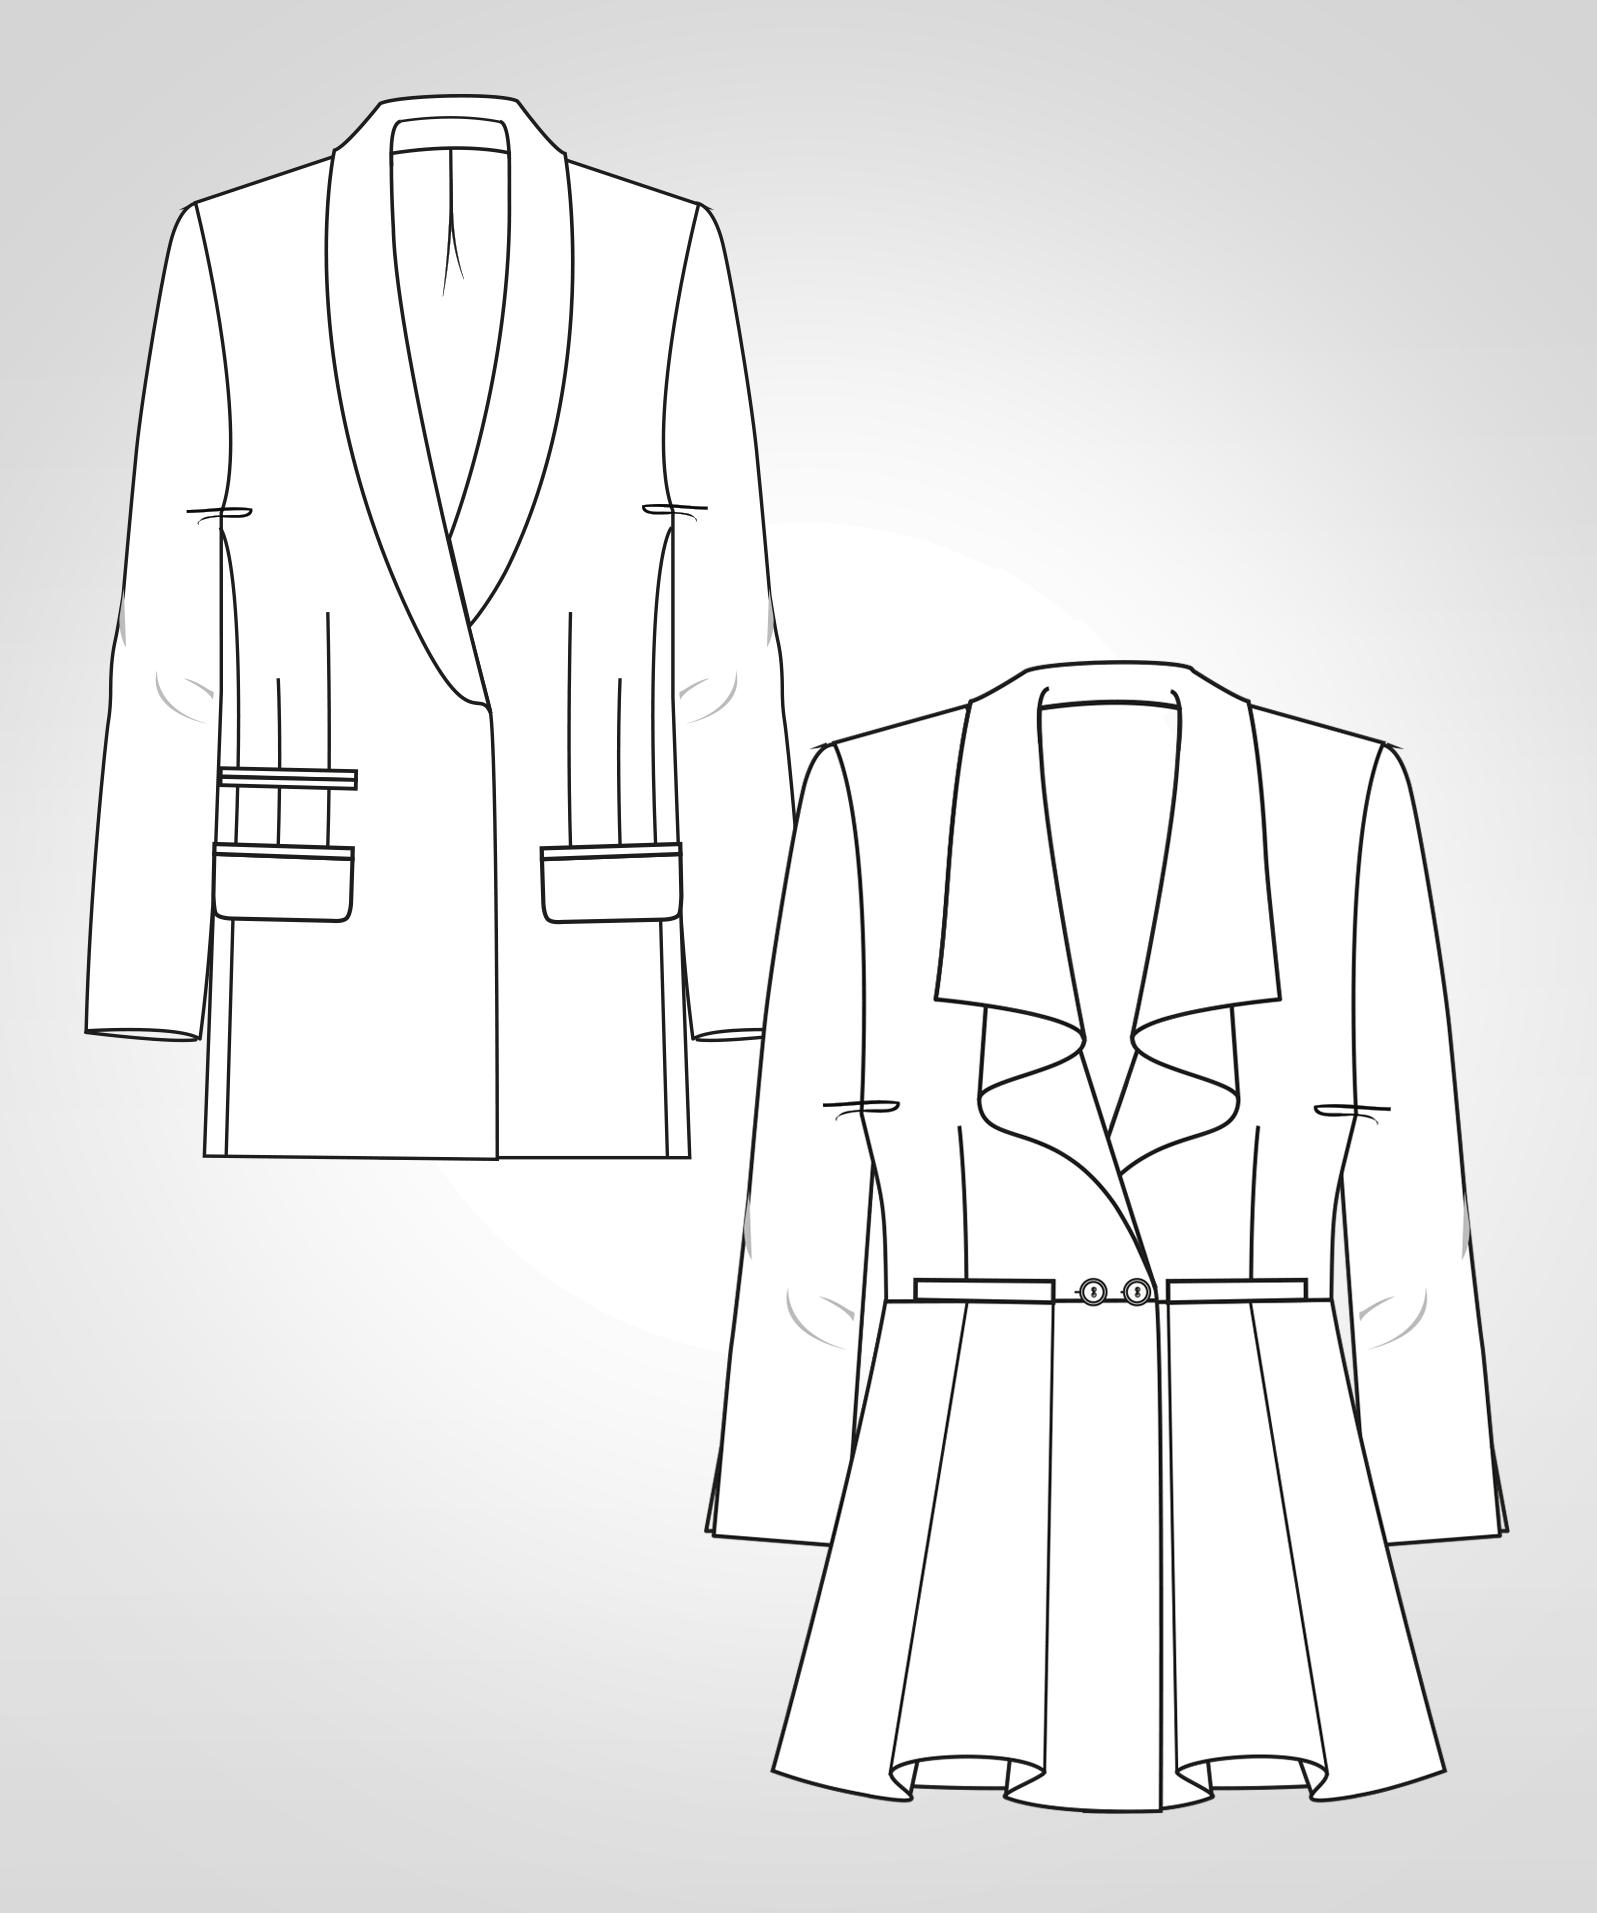 Diese technische Zeichnung zeigt die Vorder- und Rückansicht eines Blazers mit Schalkragen für Damen. Sie dient als Vorlage für den Schnitt auf dem Schnittmusterbogen.